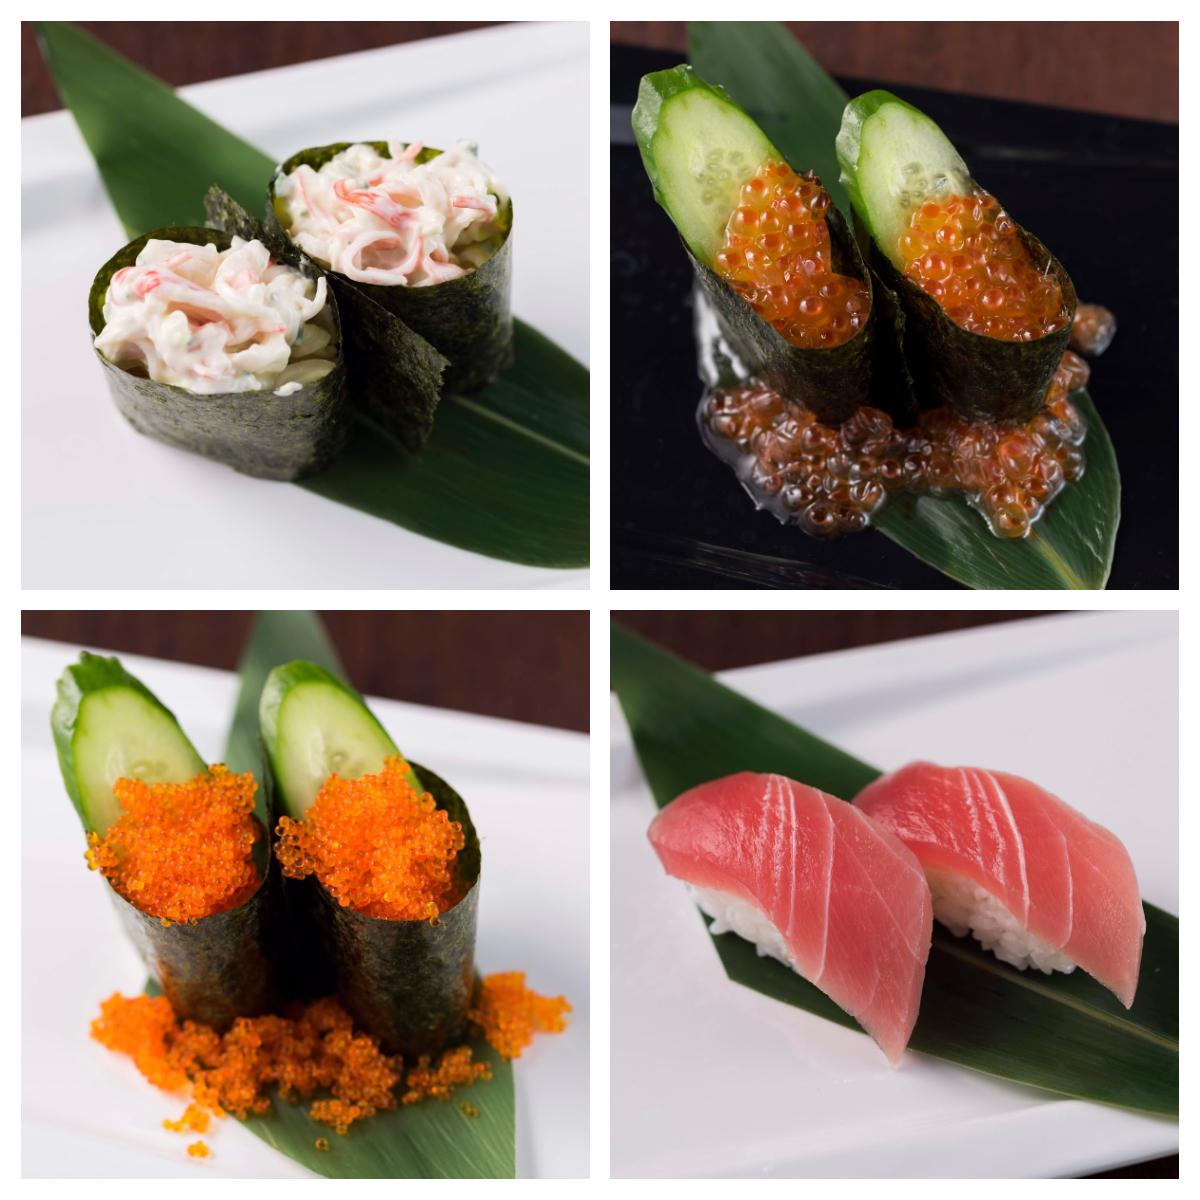 カニサラダ寿司/いくらこぼれ寿司/とびっここぼれ寿司/マグロ漬け寿司